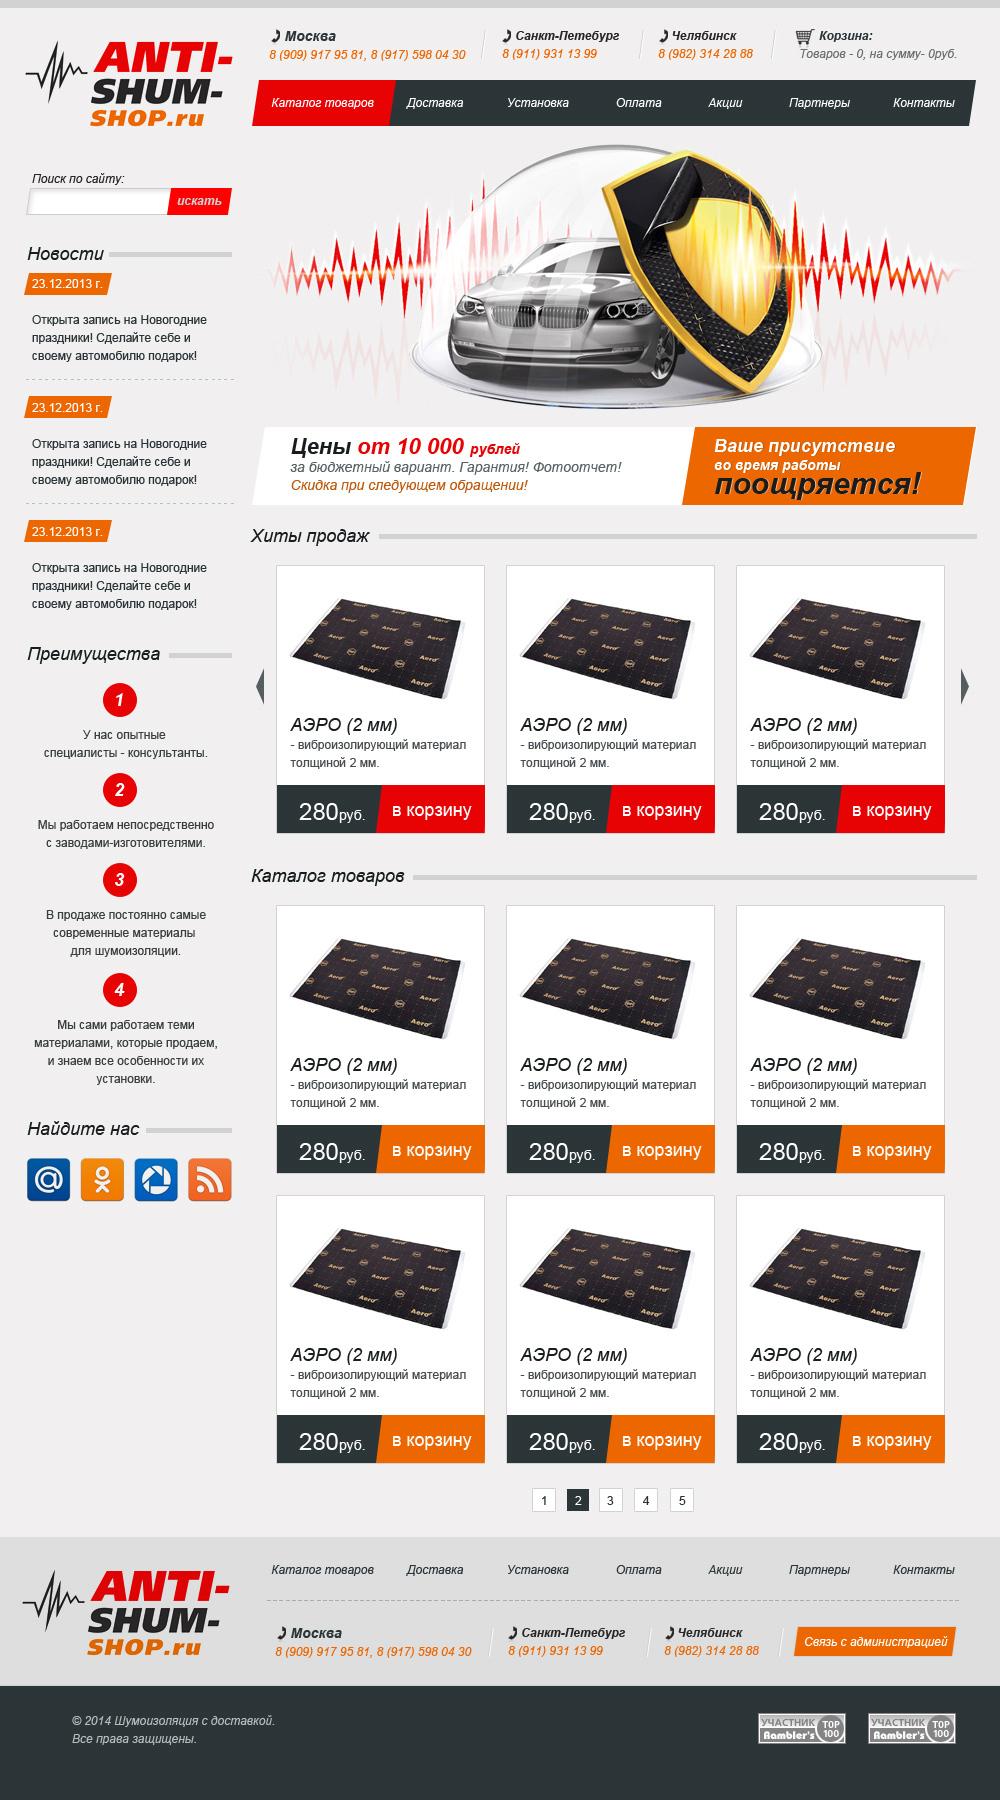 Дизайн интернет-магазина шумоизоляционных материалов для автомобилей.